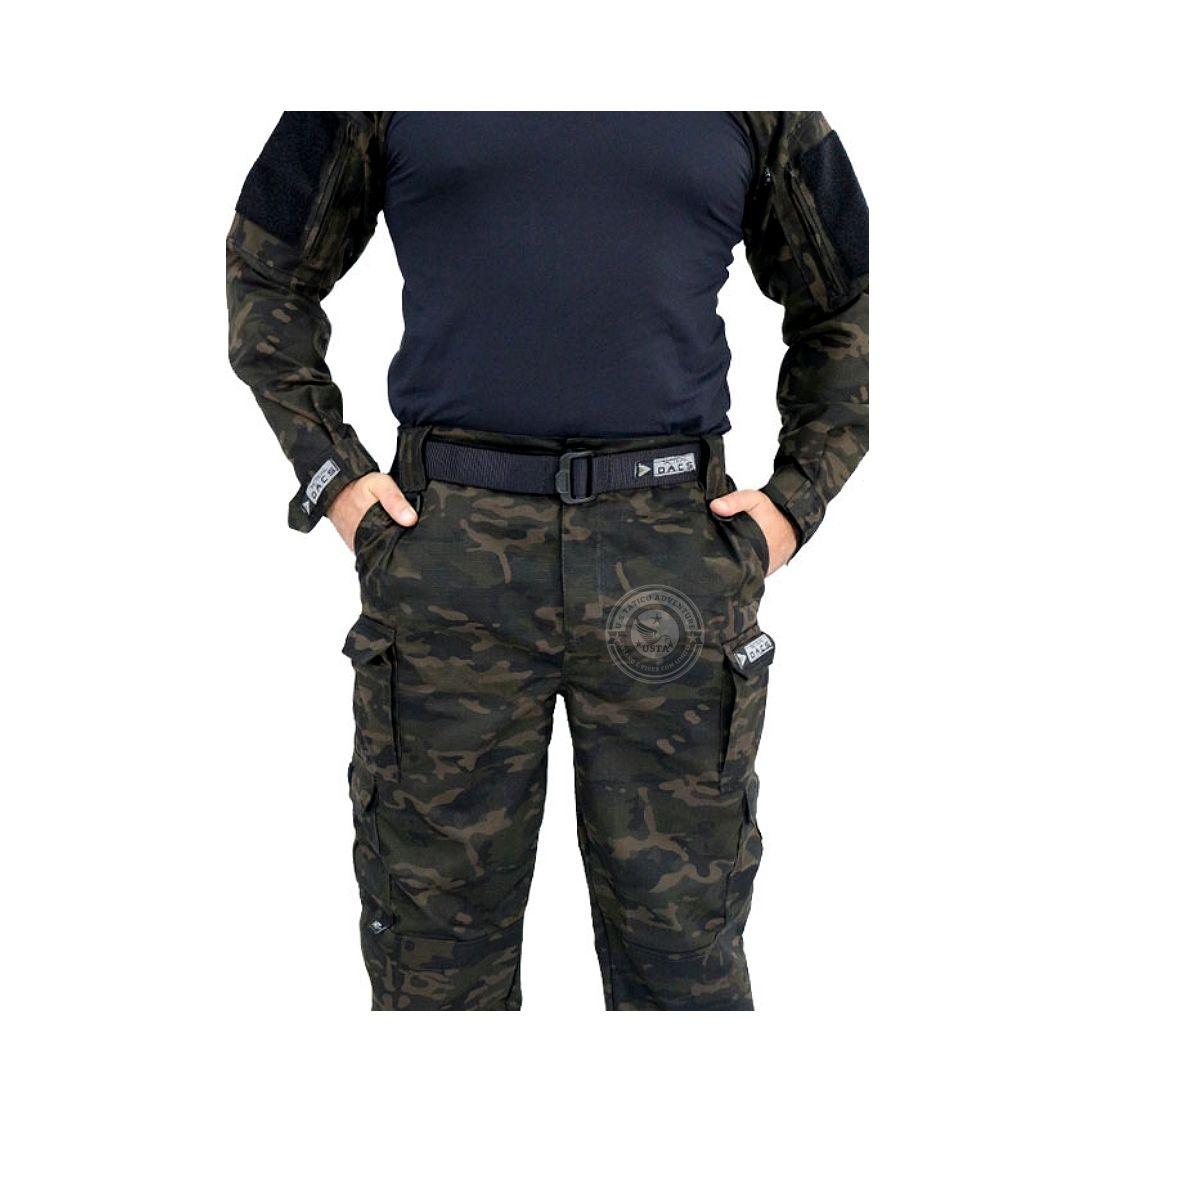 Calça Tática HRT Militar Ripstop Multicam Black Tactical Dacs